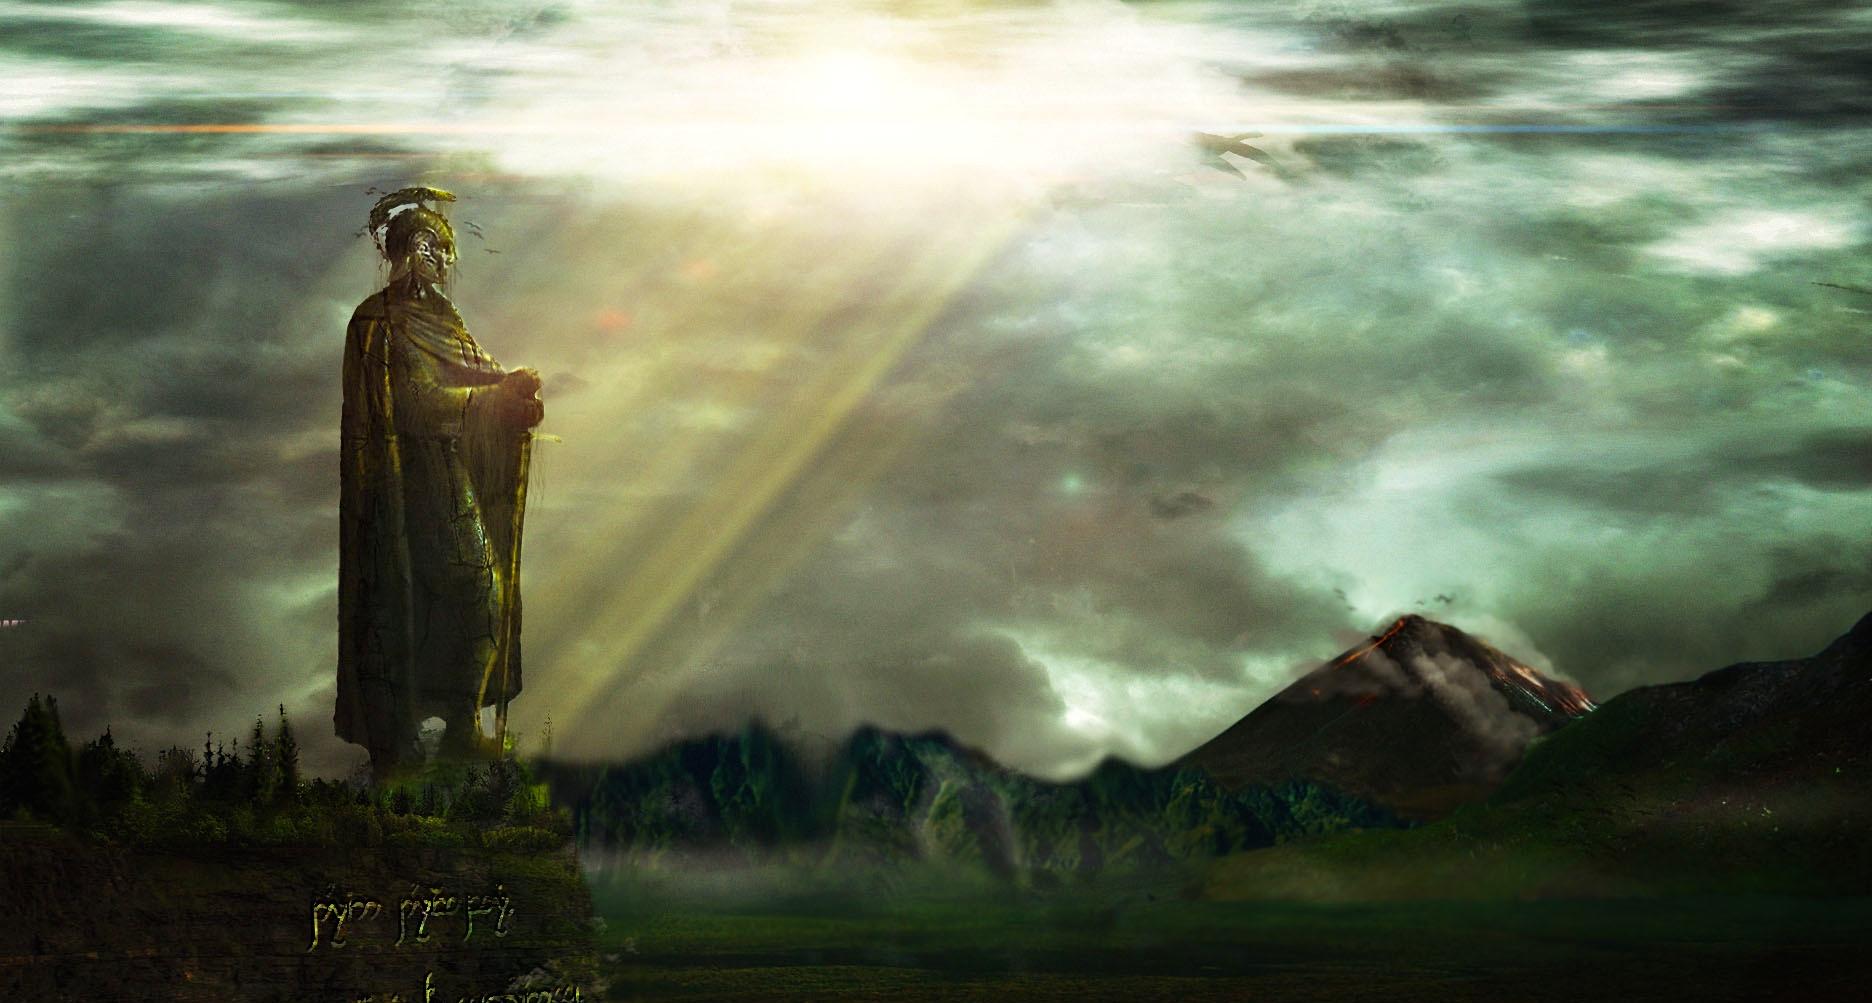 Mrsuicidesheep Wallpaper Fall J R R Tolkien Beowulf A J Carlisle